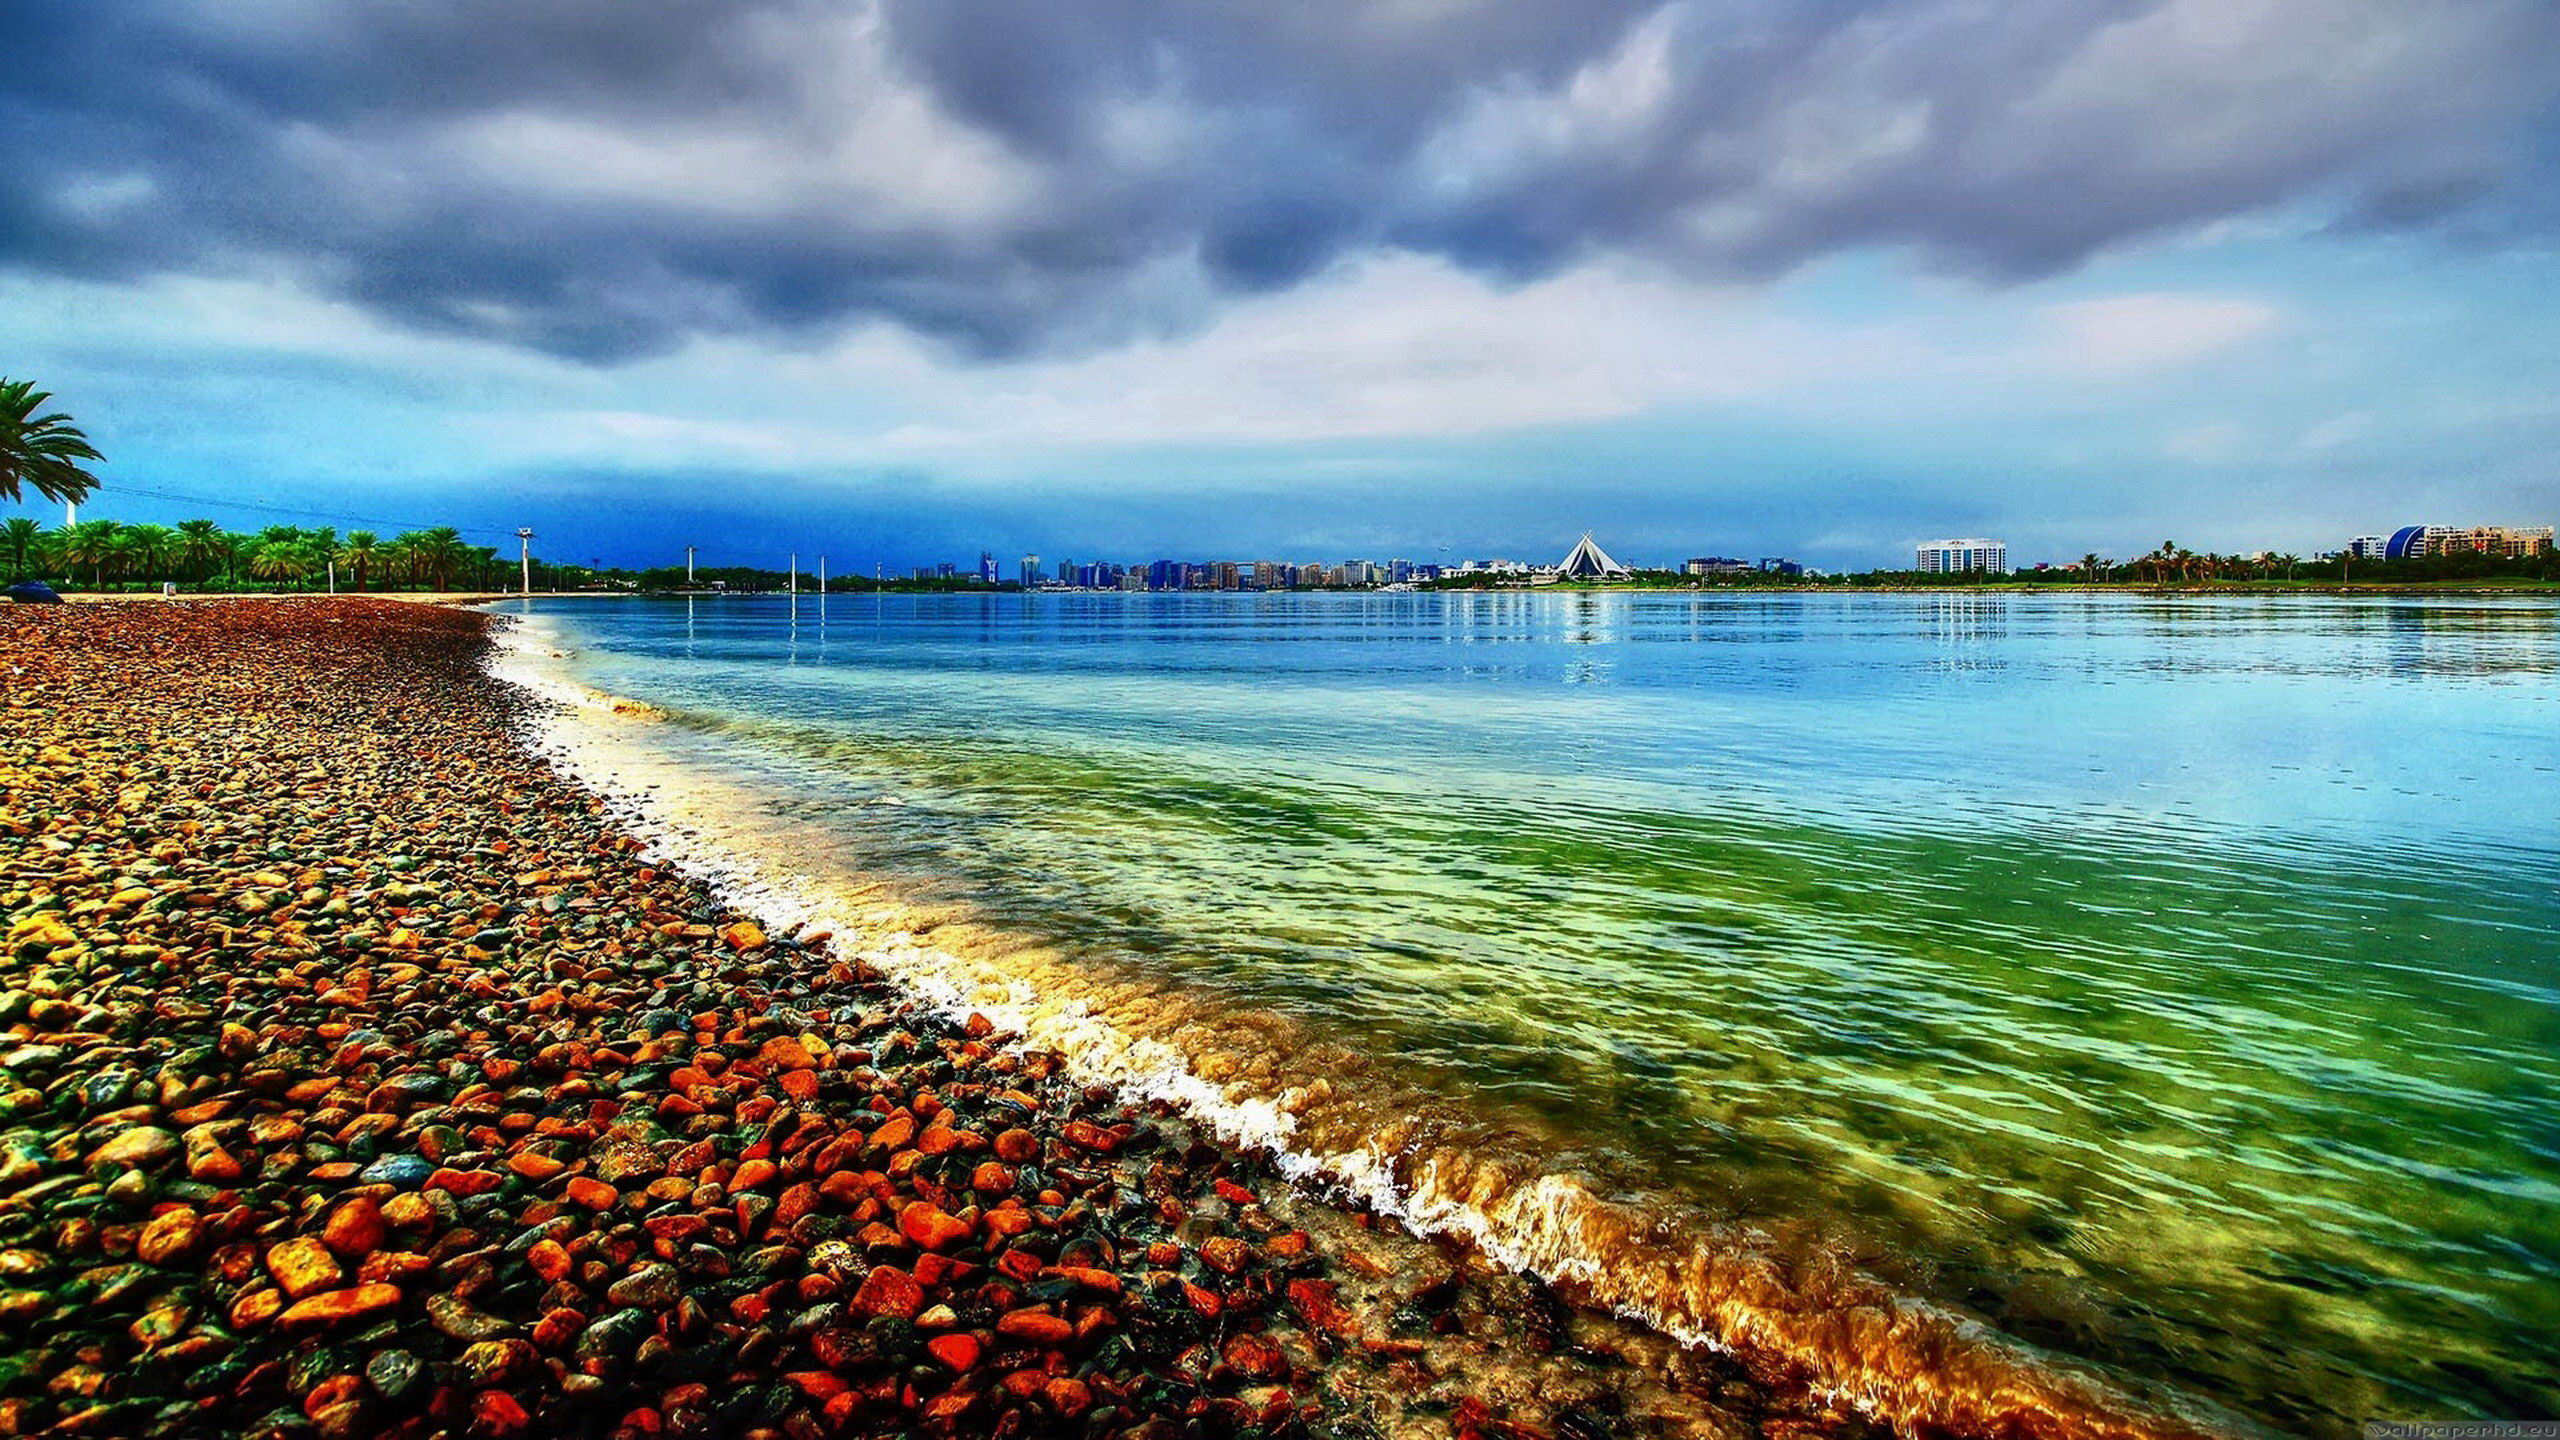 夏日海滩清爽风景桌面02(2560x1440)壁纸 - 桌面壁纸